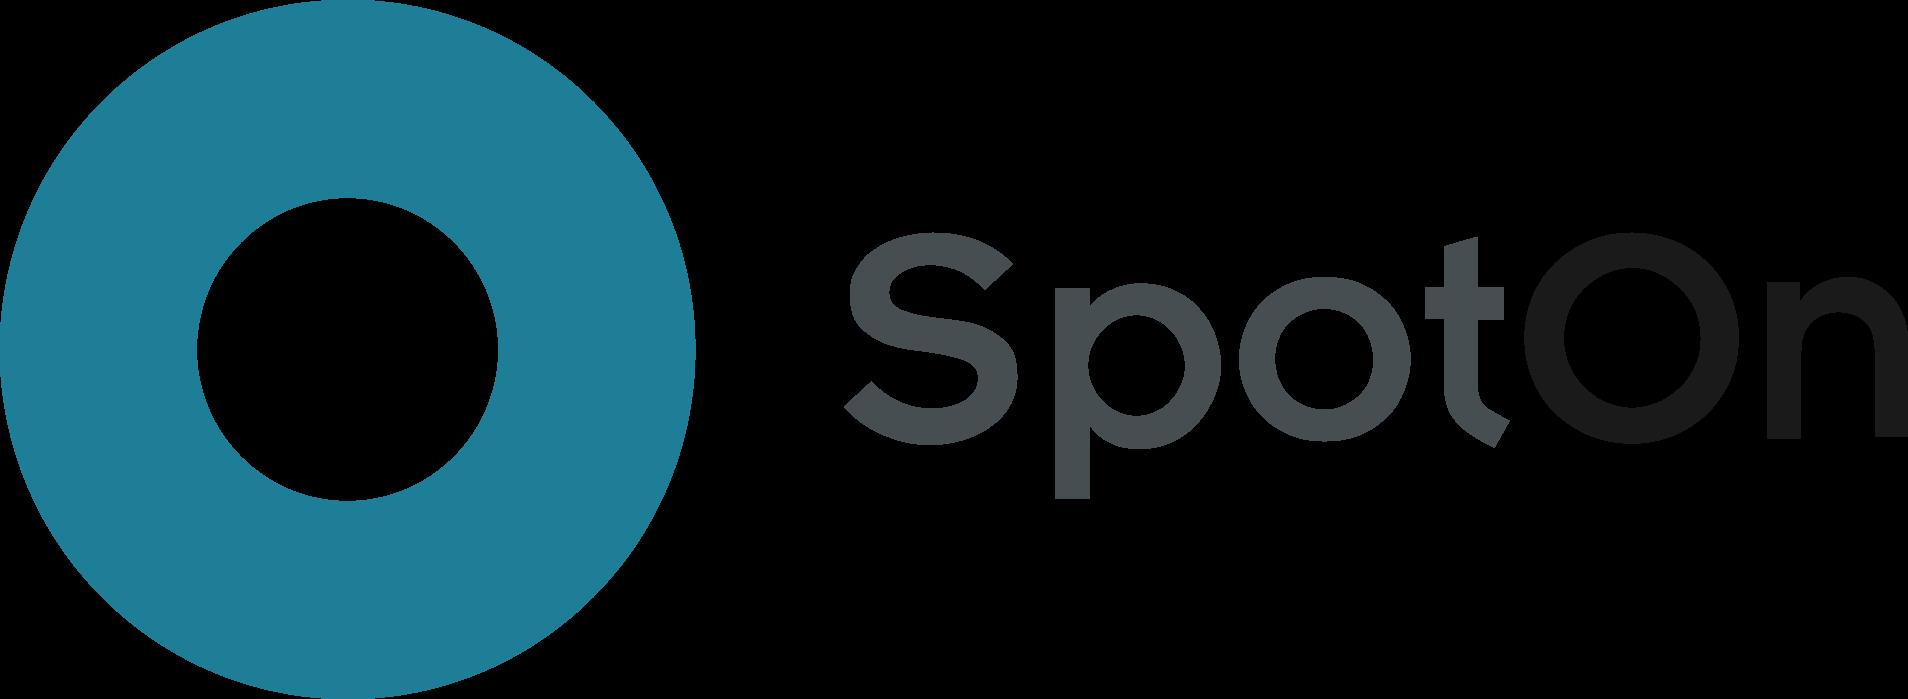 spoton-hi-res-logo.png